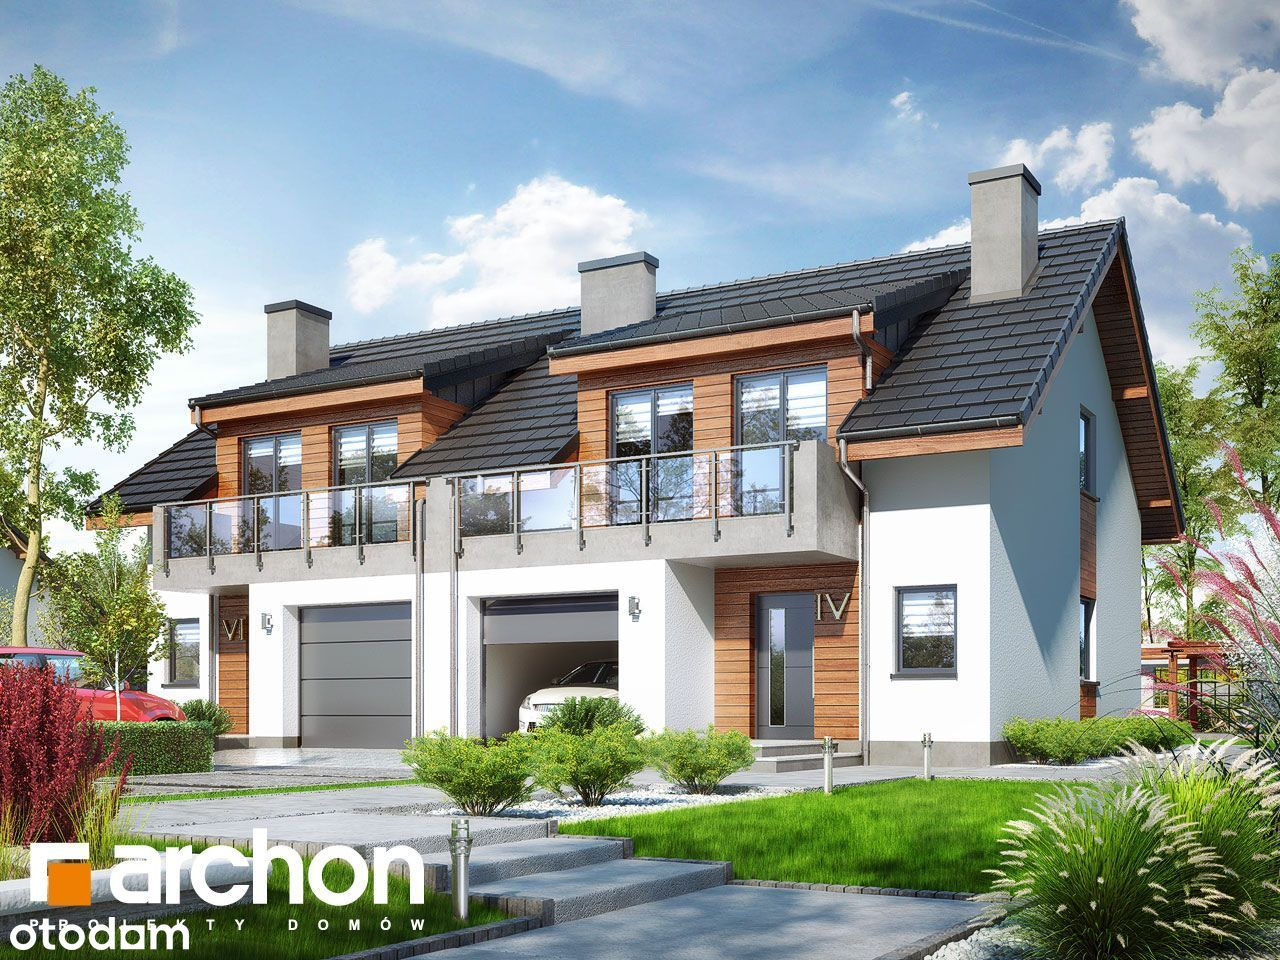 Toruń nowy dom w podwyższonym stanie deweloperskim